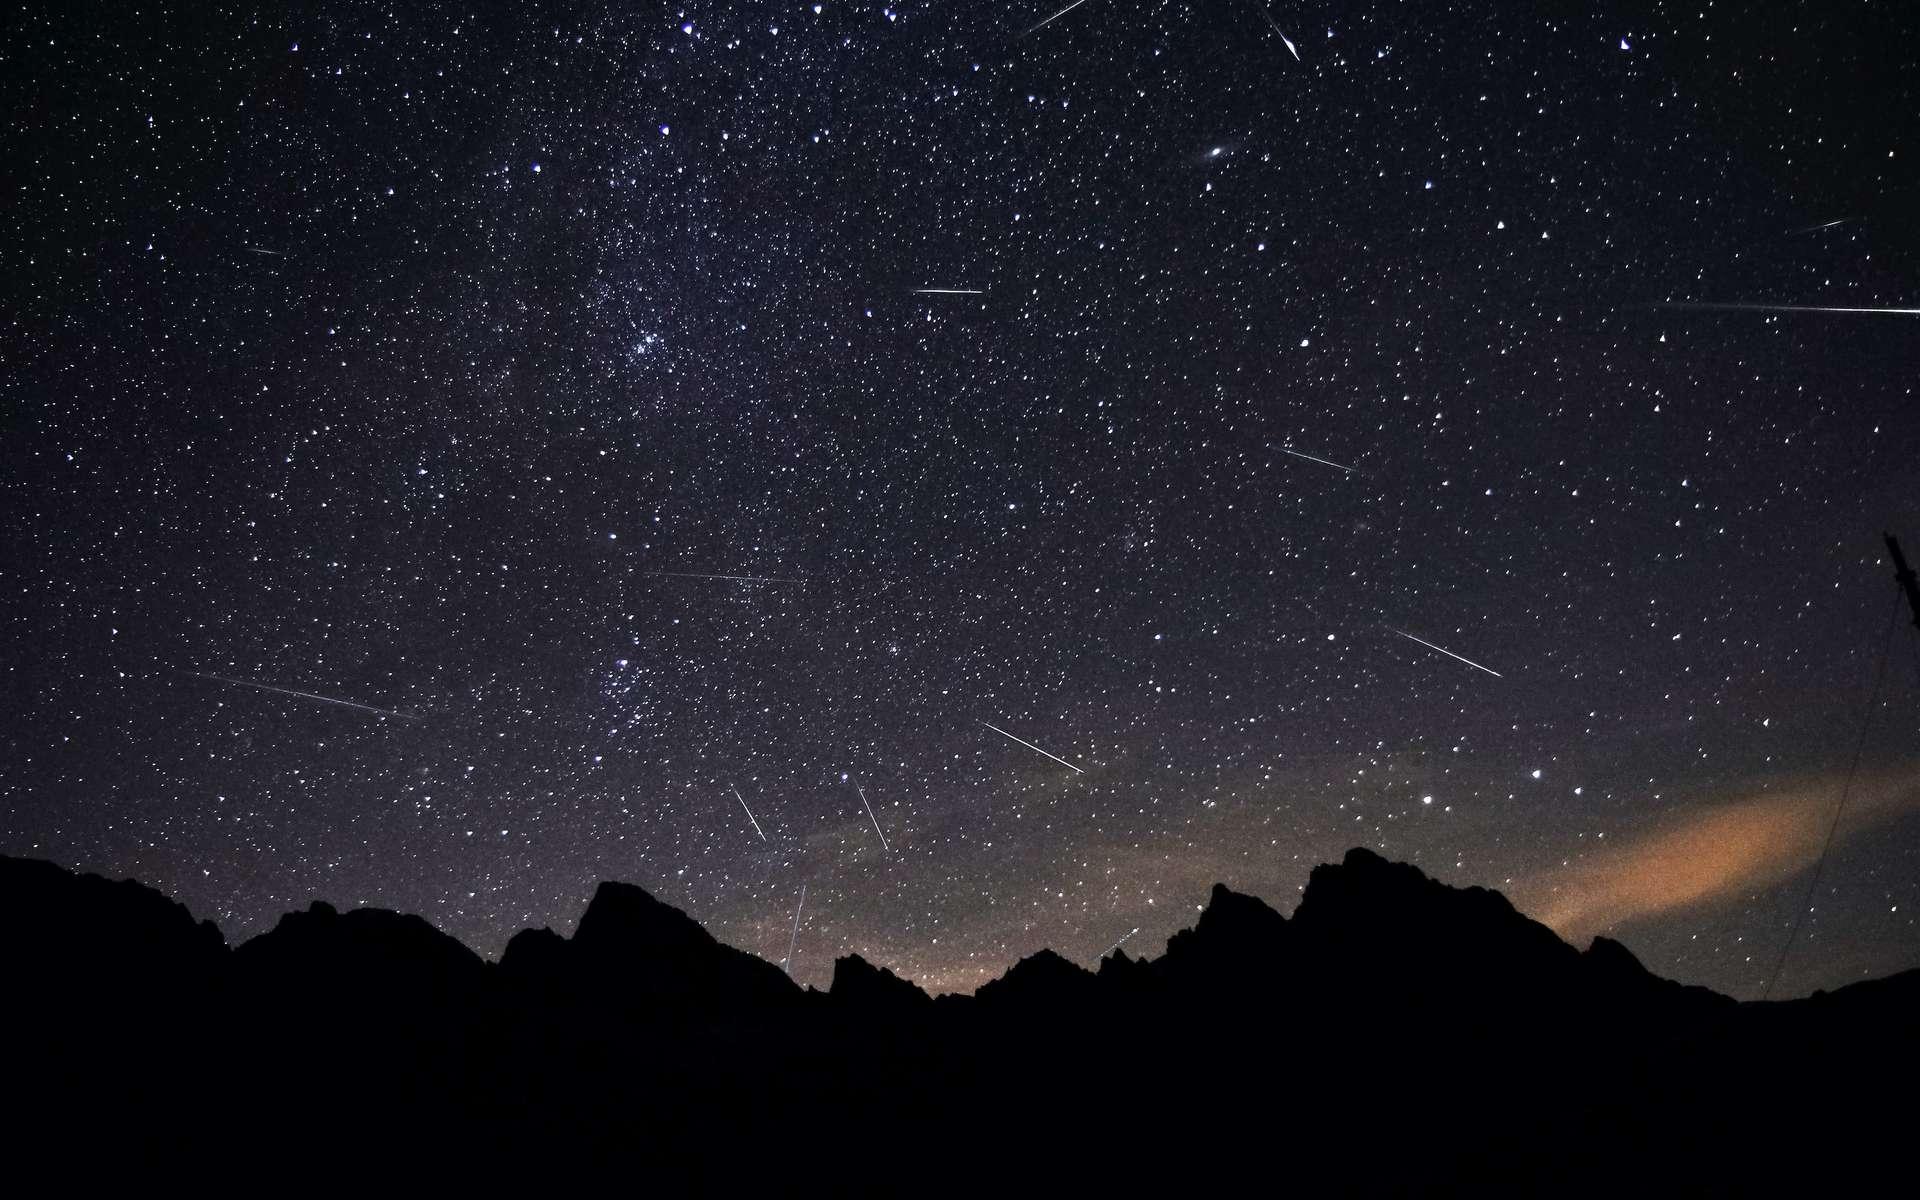 La pluie d'étoiles filantes des Perséides. © Marek, Adobe Stock